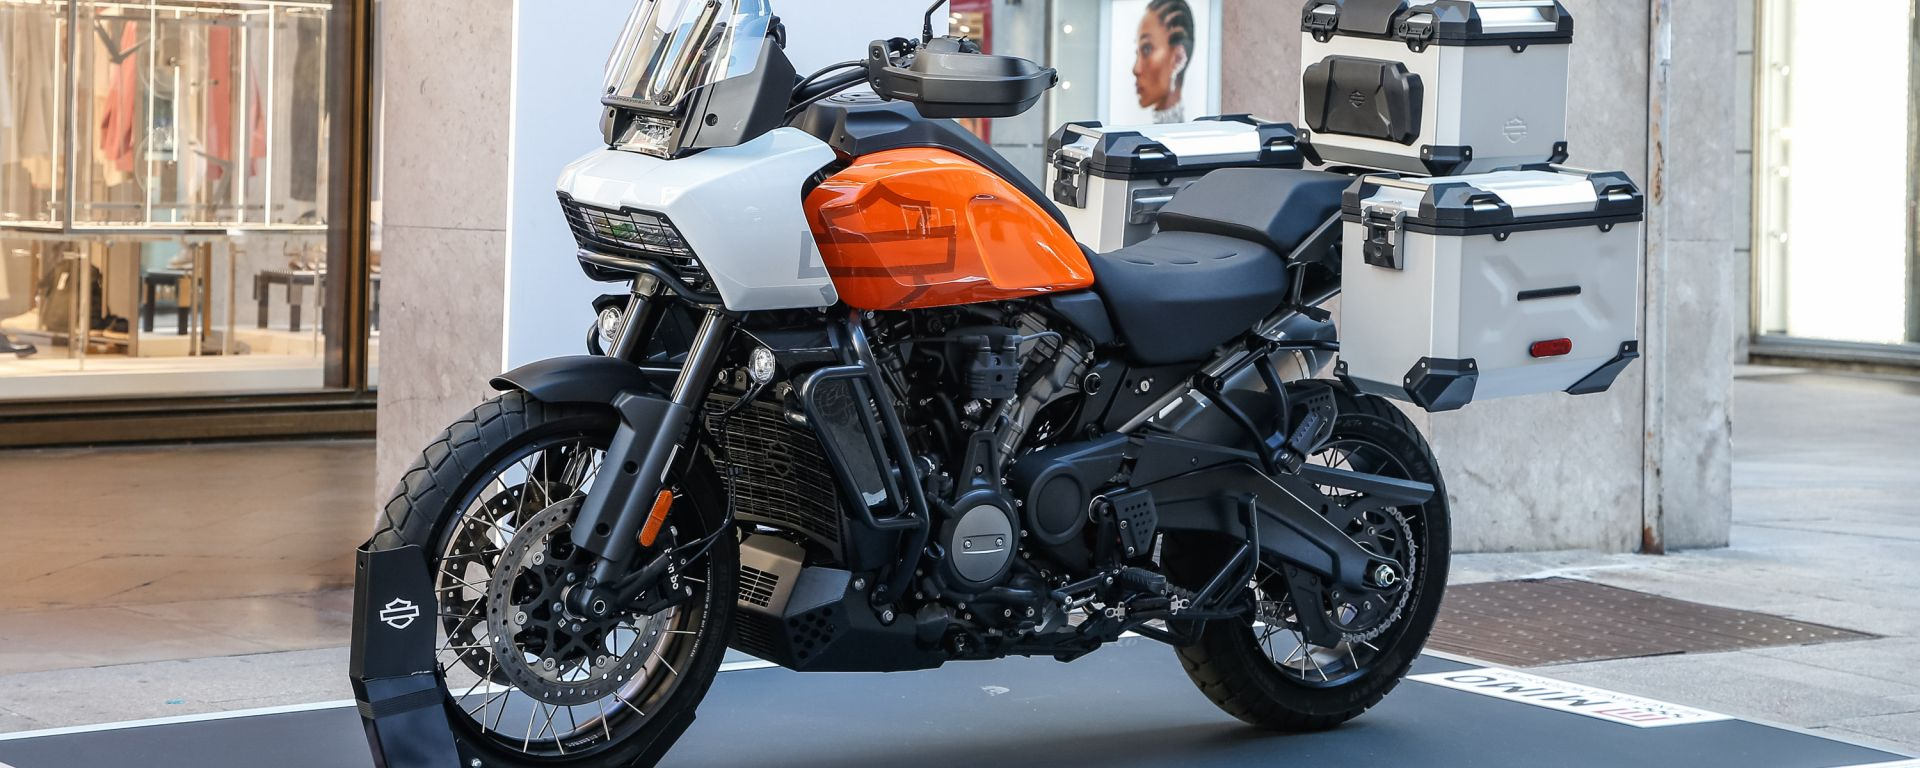 Harley-Davidson Pan America 1250, MIMO 2021